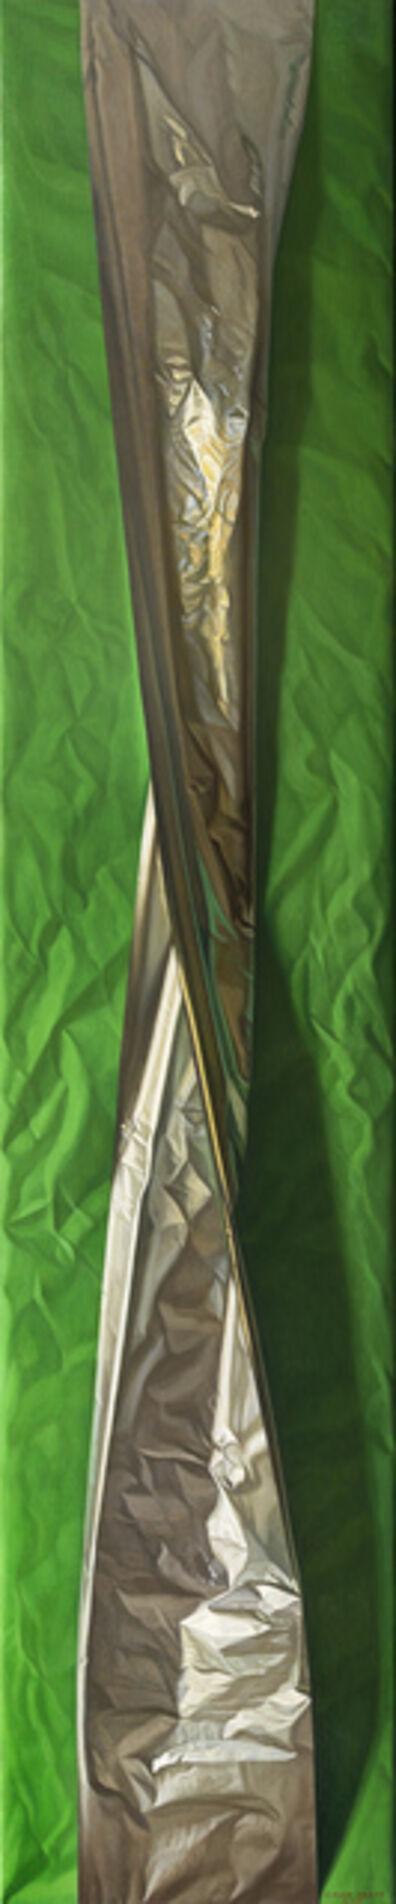 Claudio Bravo, 'Green and Aluminum', 2010